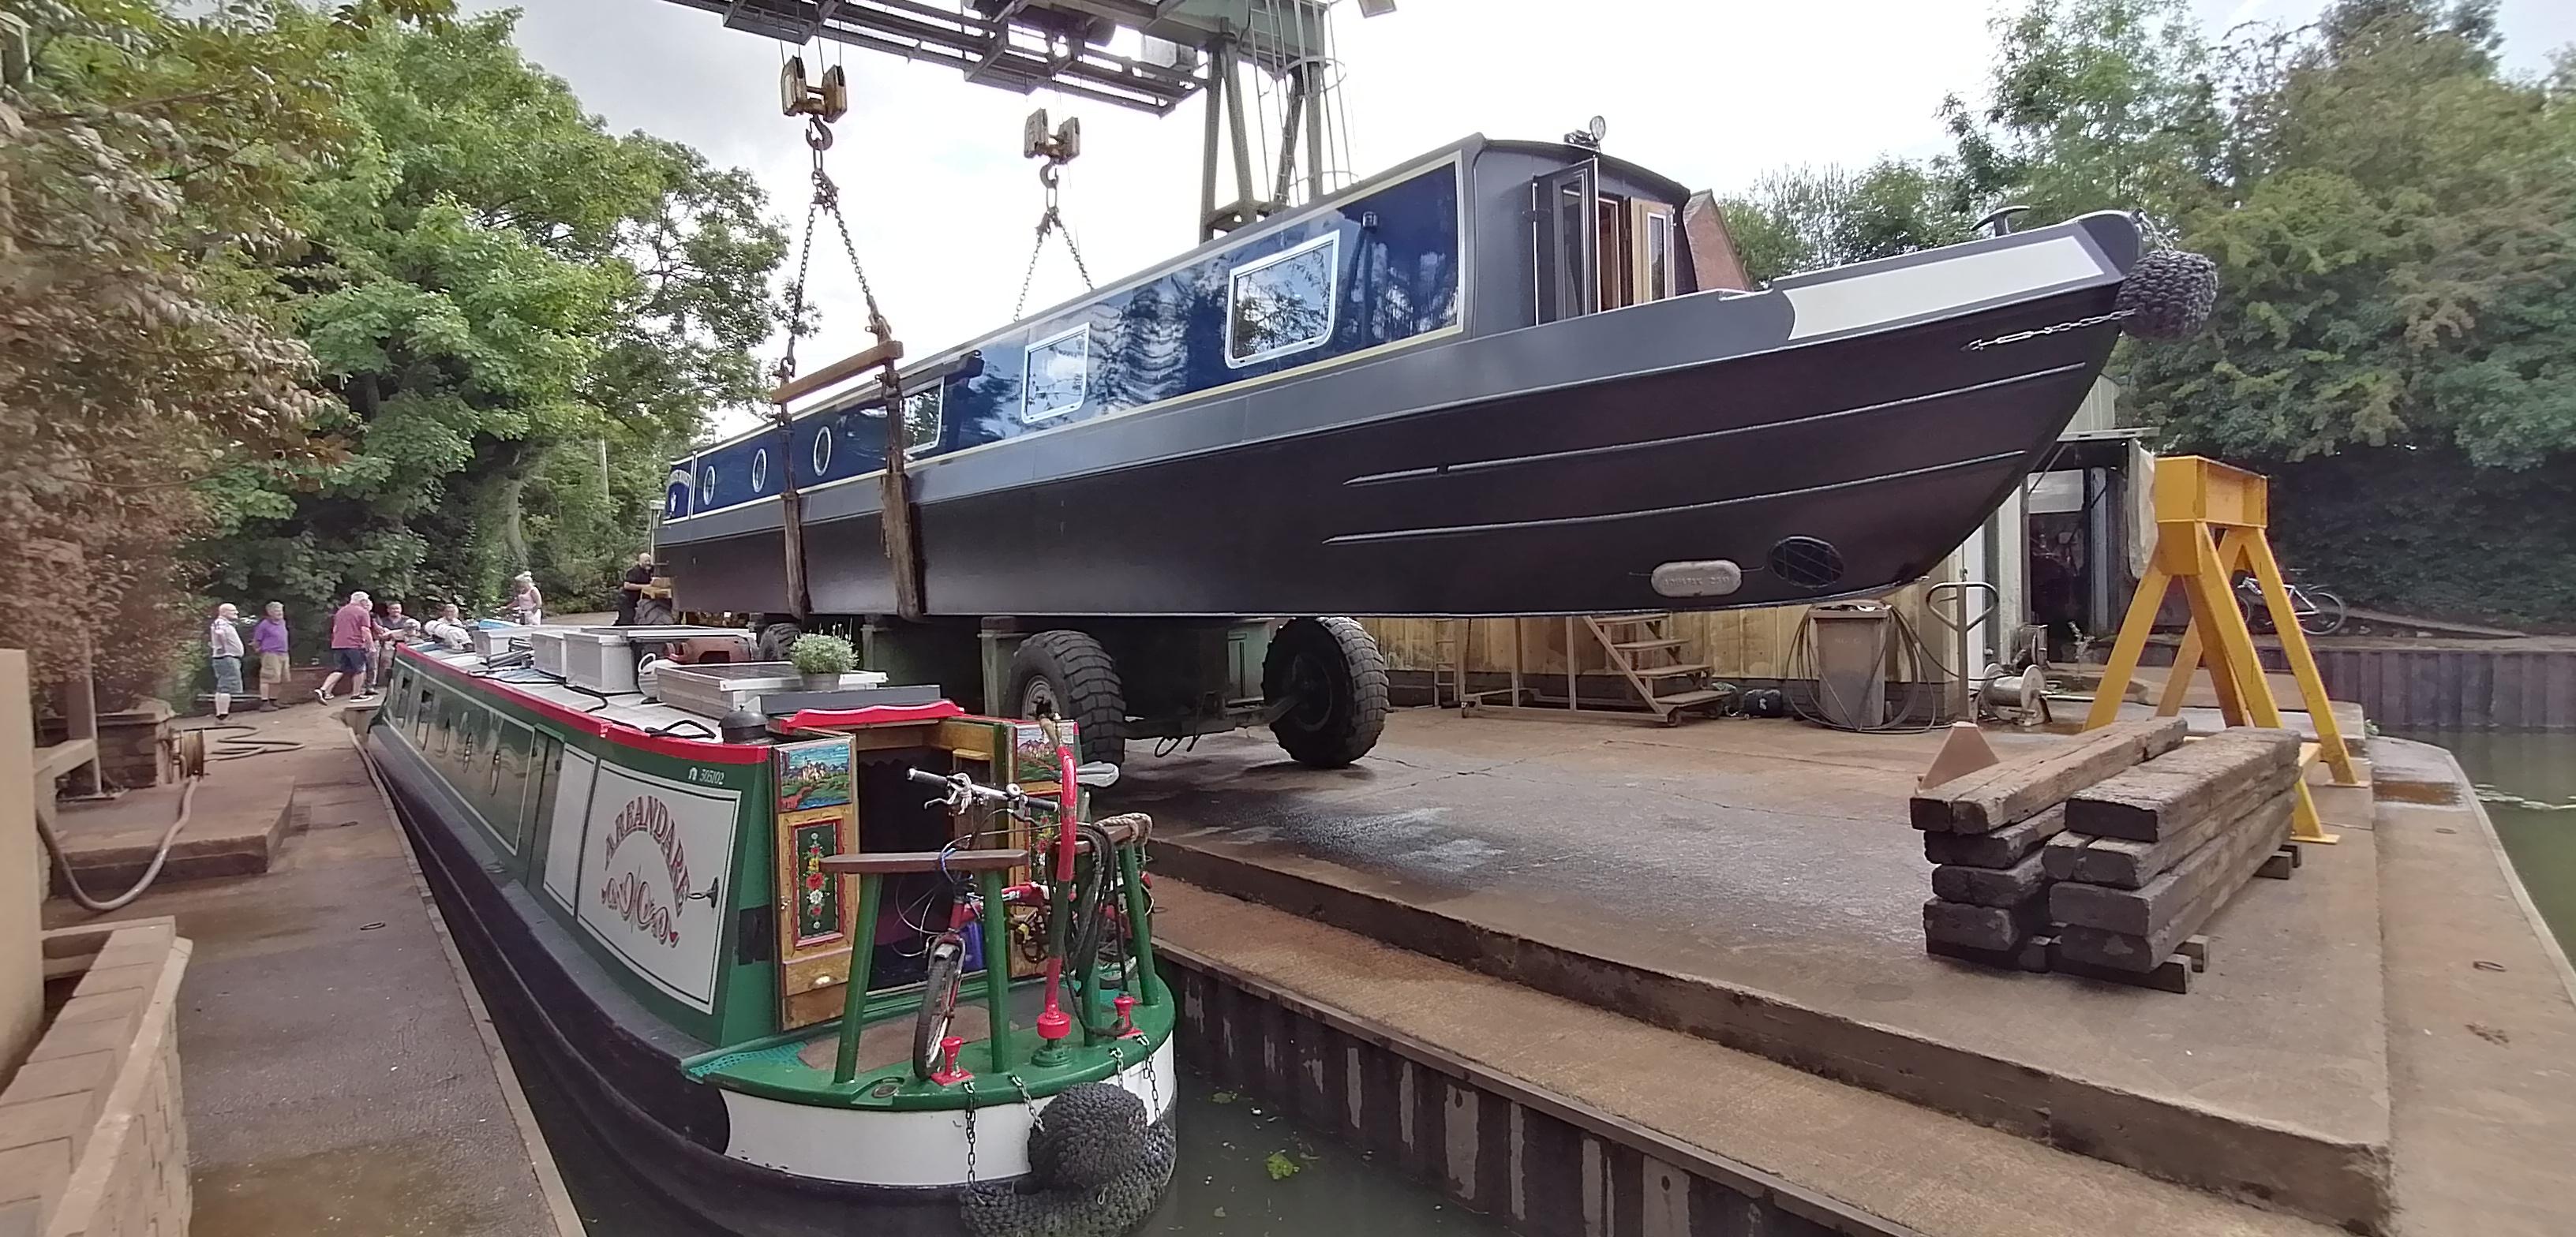 Debdale Wharf August 2020